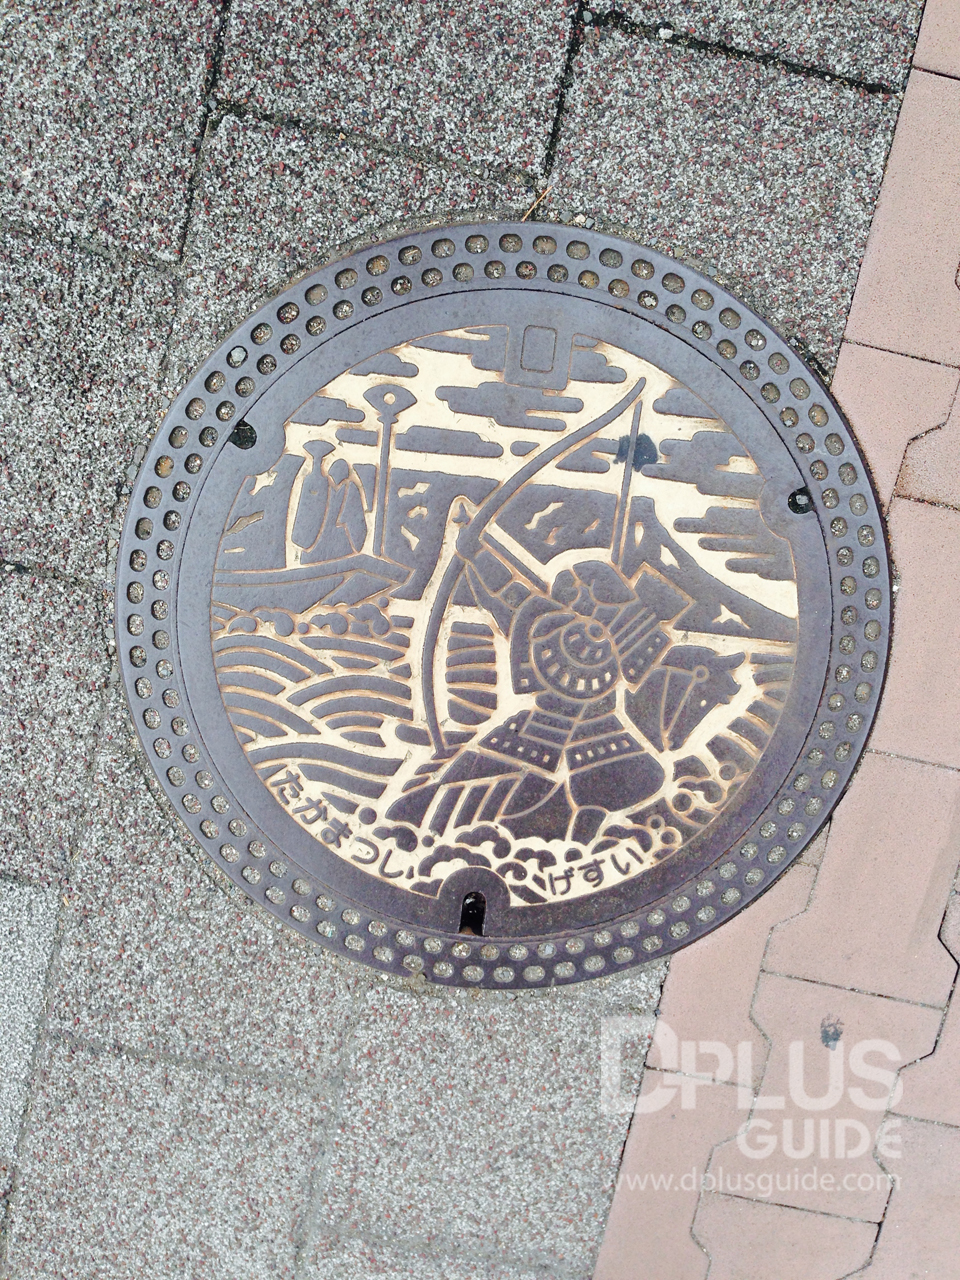 ฝาท่อเมืองทาคามัตสึ เมืองแห่งซามูไร แคว้นซานุกิ